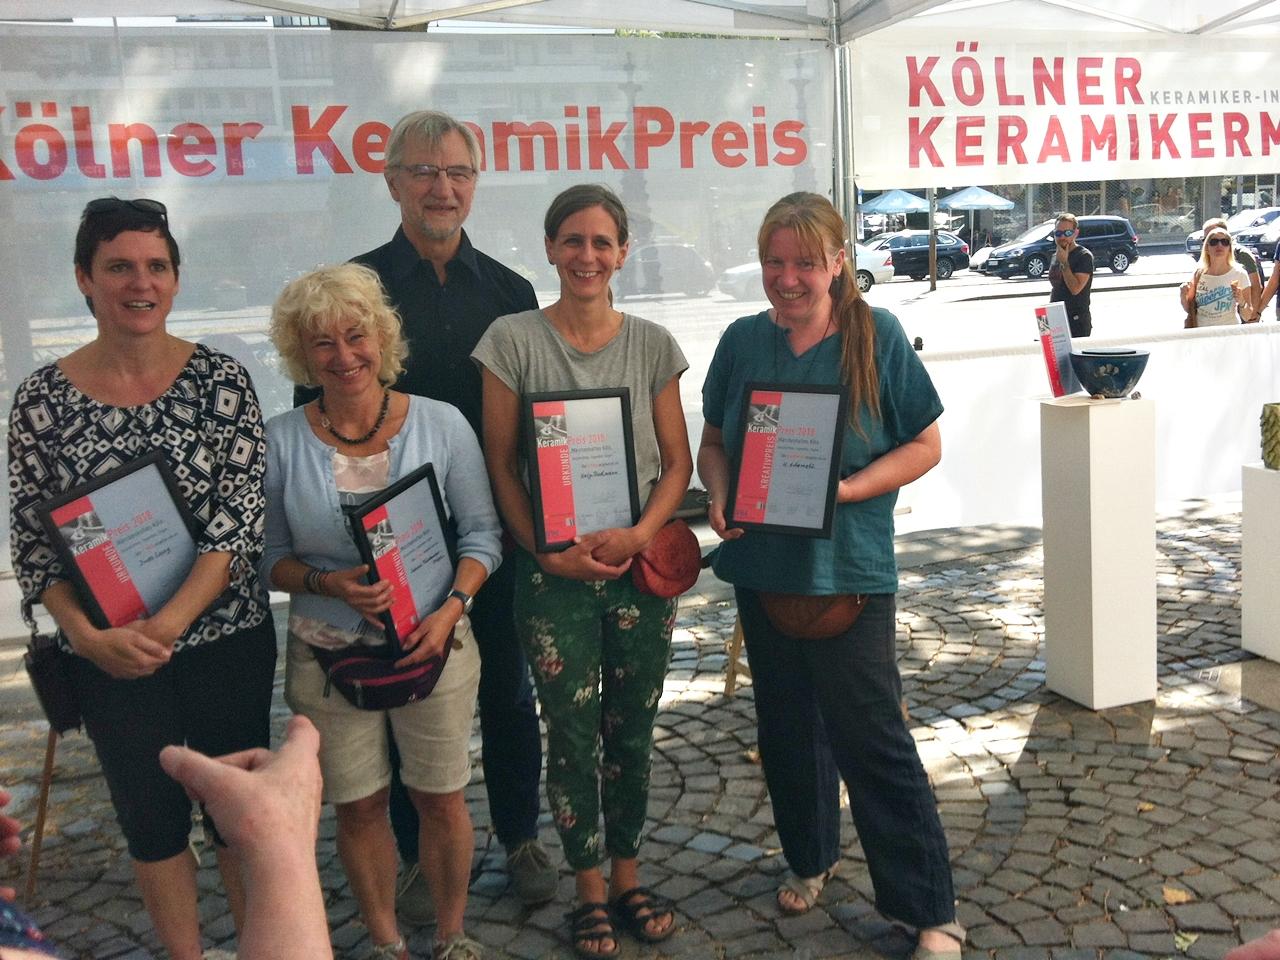 Preisträger Kölner Keramikermarkt